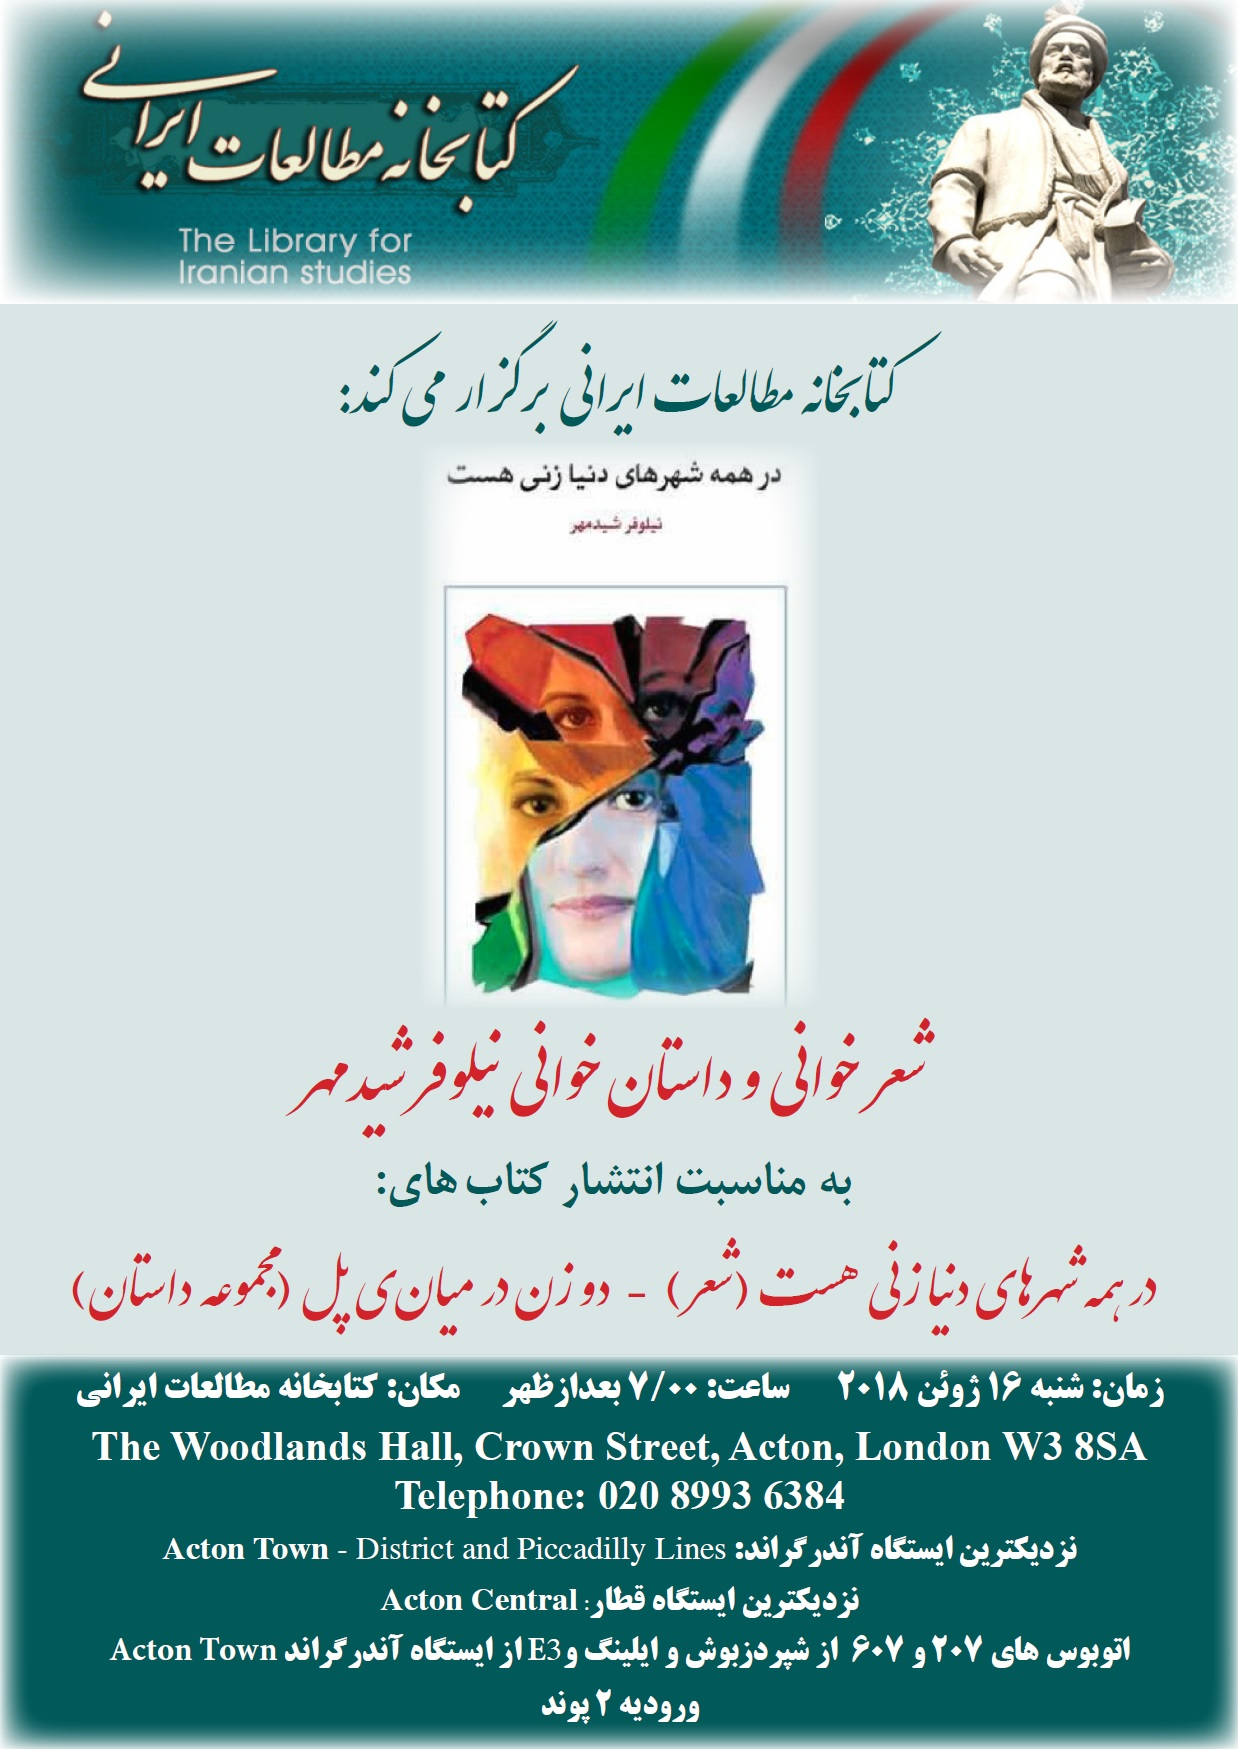 برنامه رونمایی کتاب در لندن